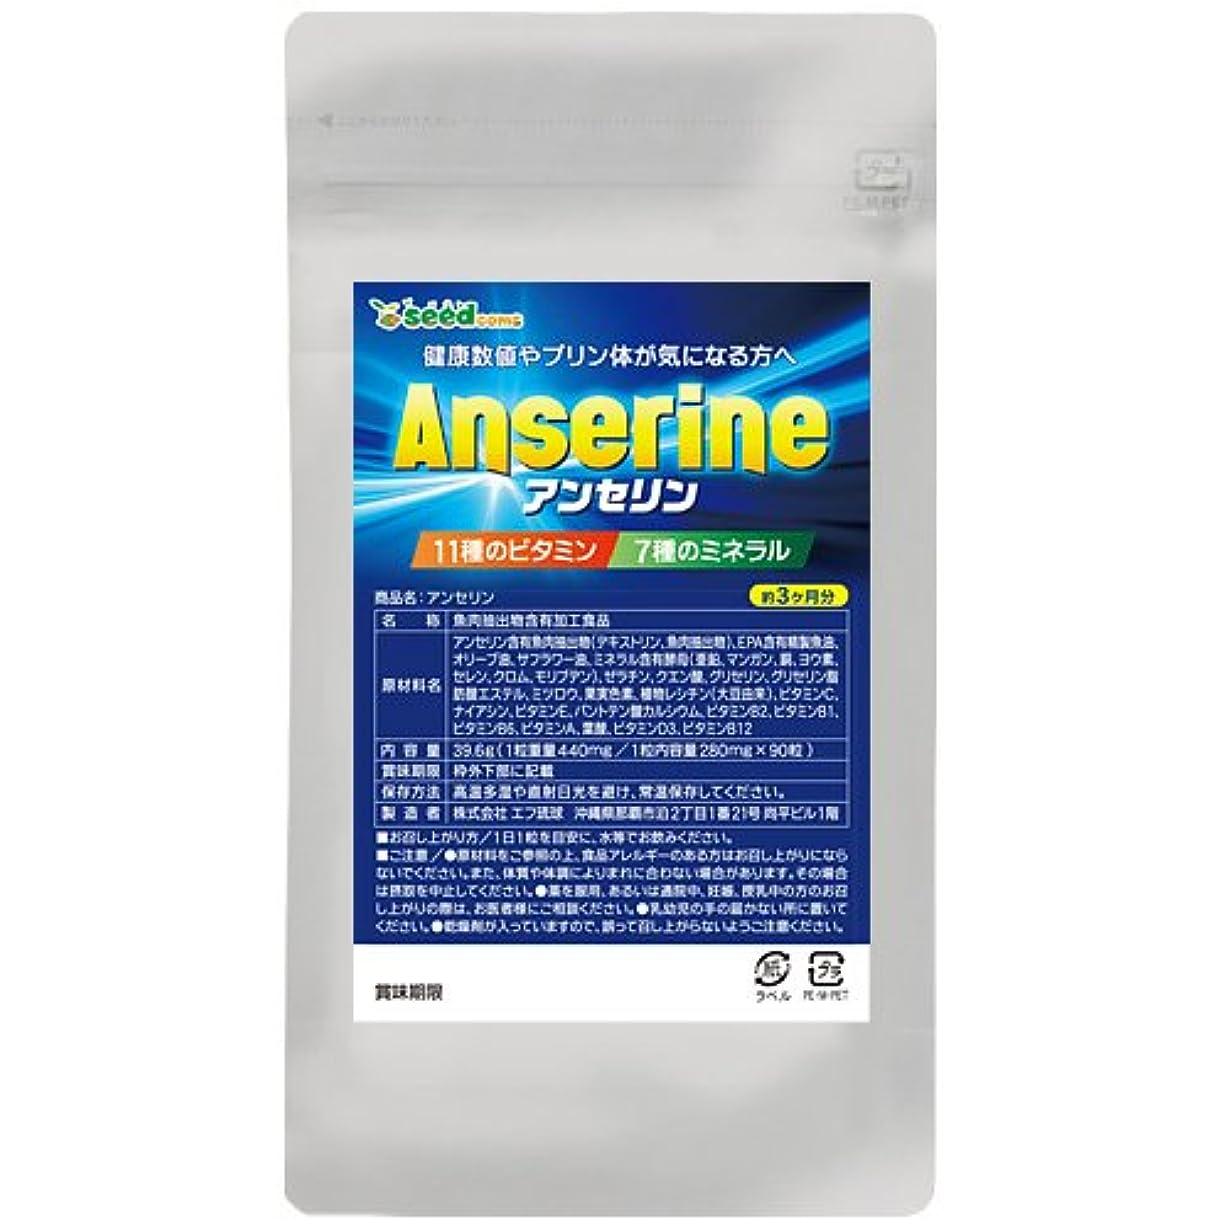 キッチンゲスト増幅器アンセリン (約3ヶ月分/90粒) 11種類のビタミン&7種類のミネラル